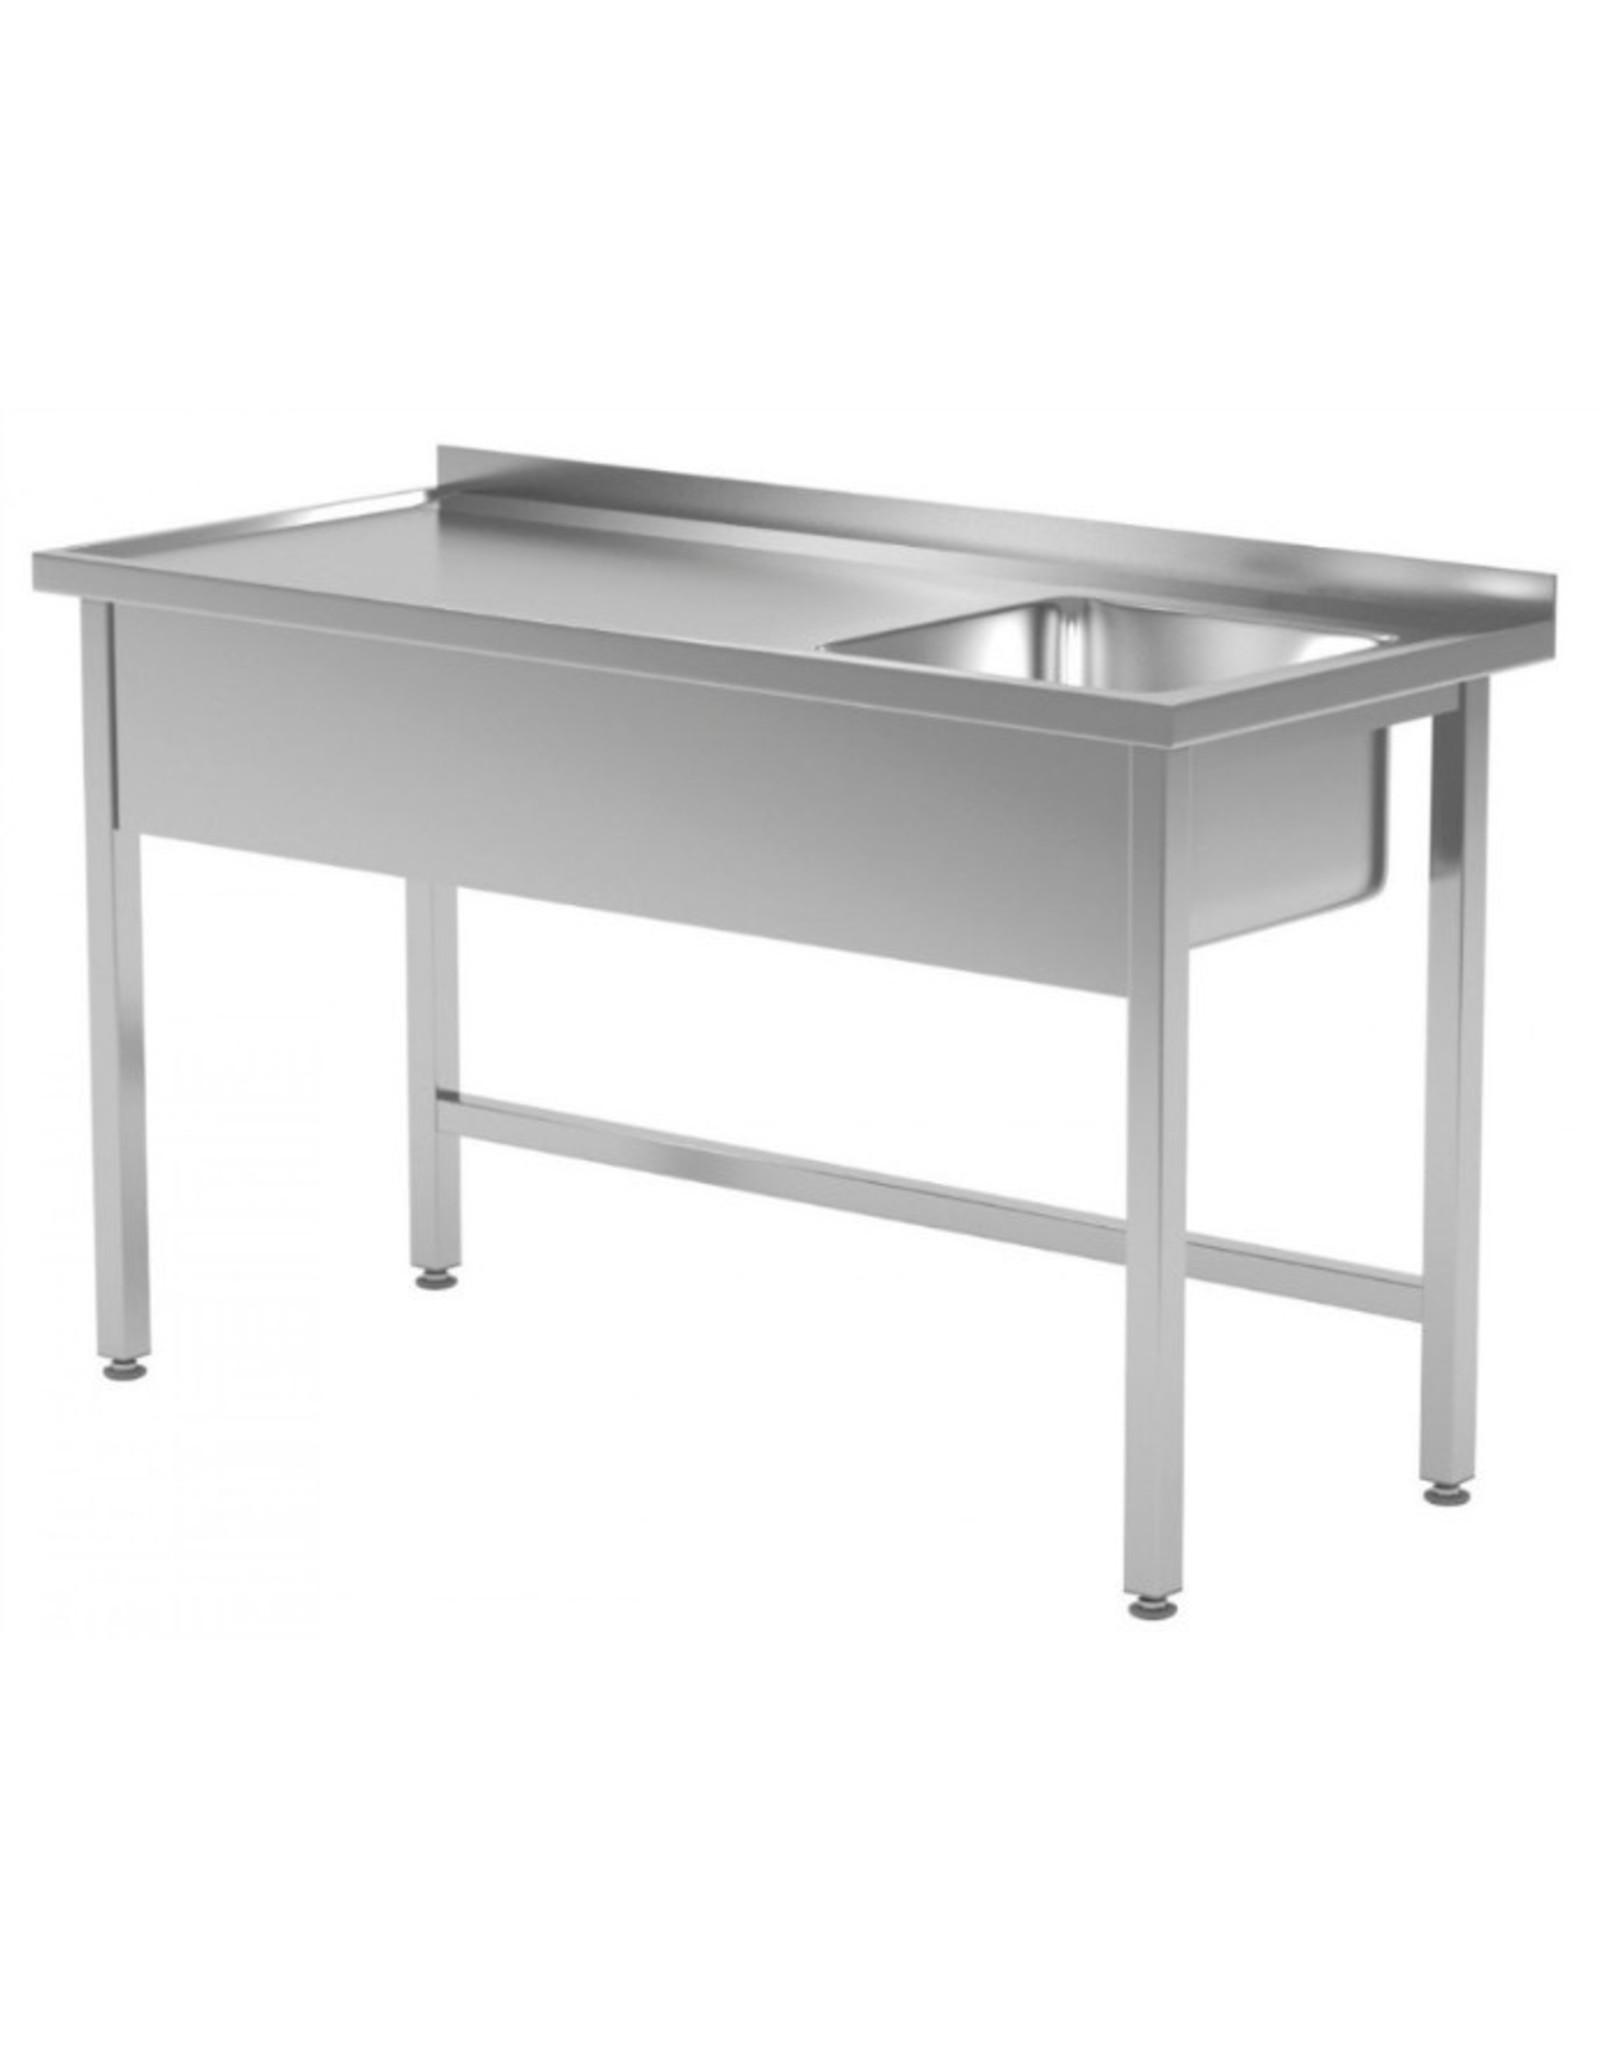 Spoeltafel | open onderkant | spoelbak rechts | 800-1900mm breed | 600 of 700mm diep